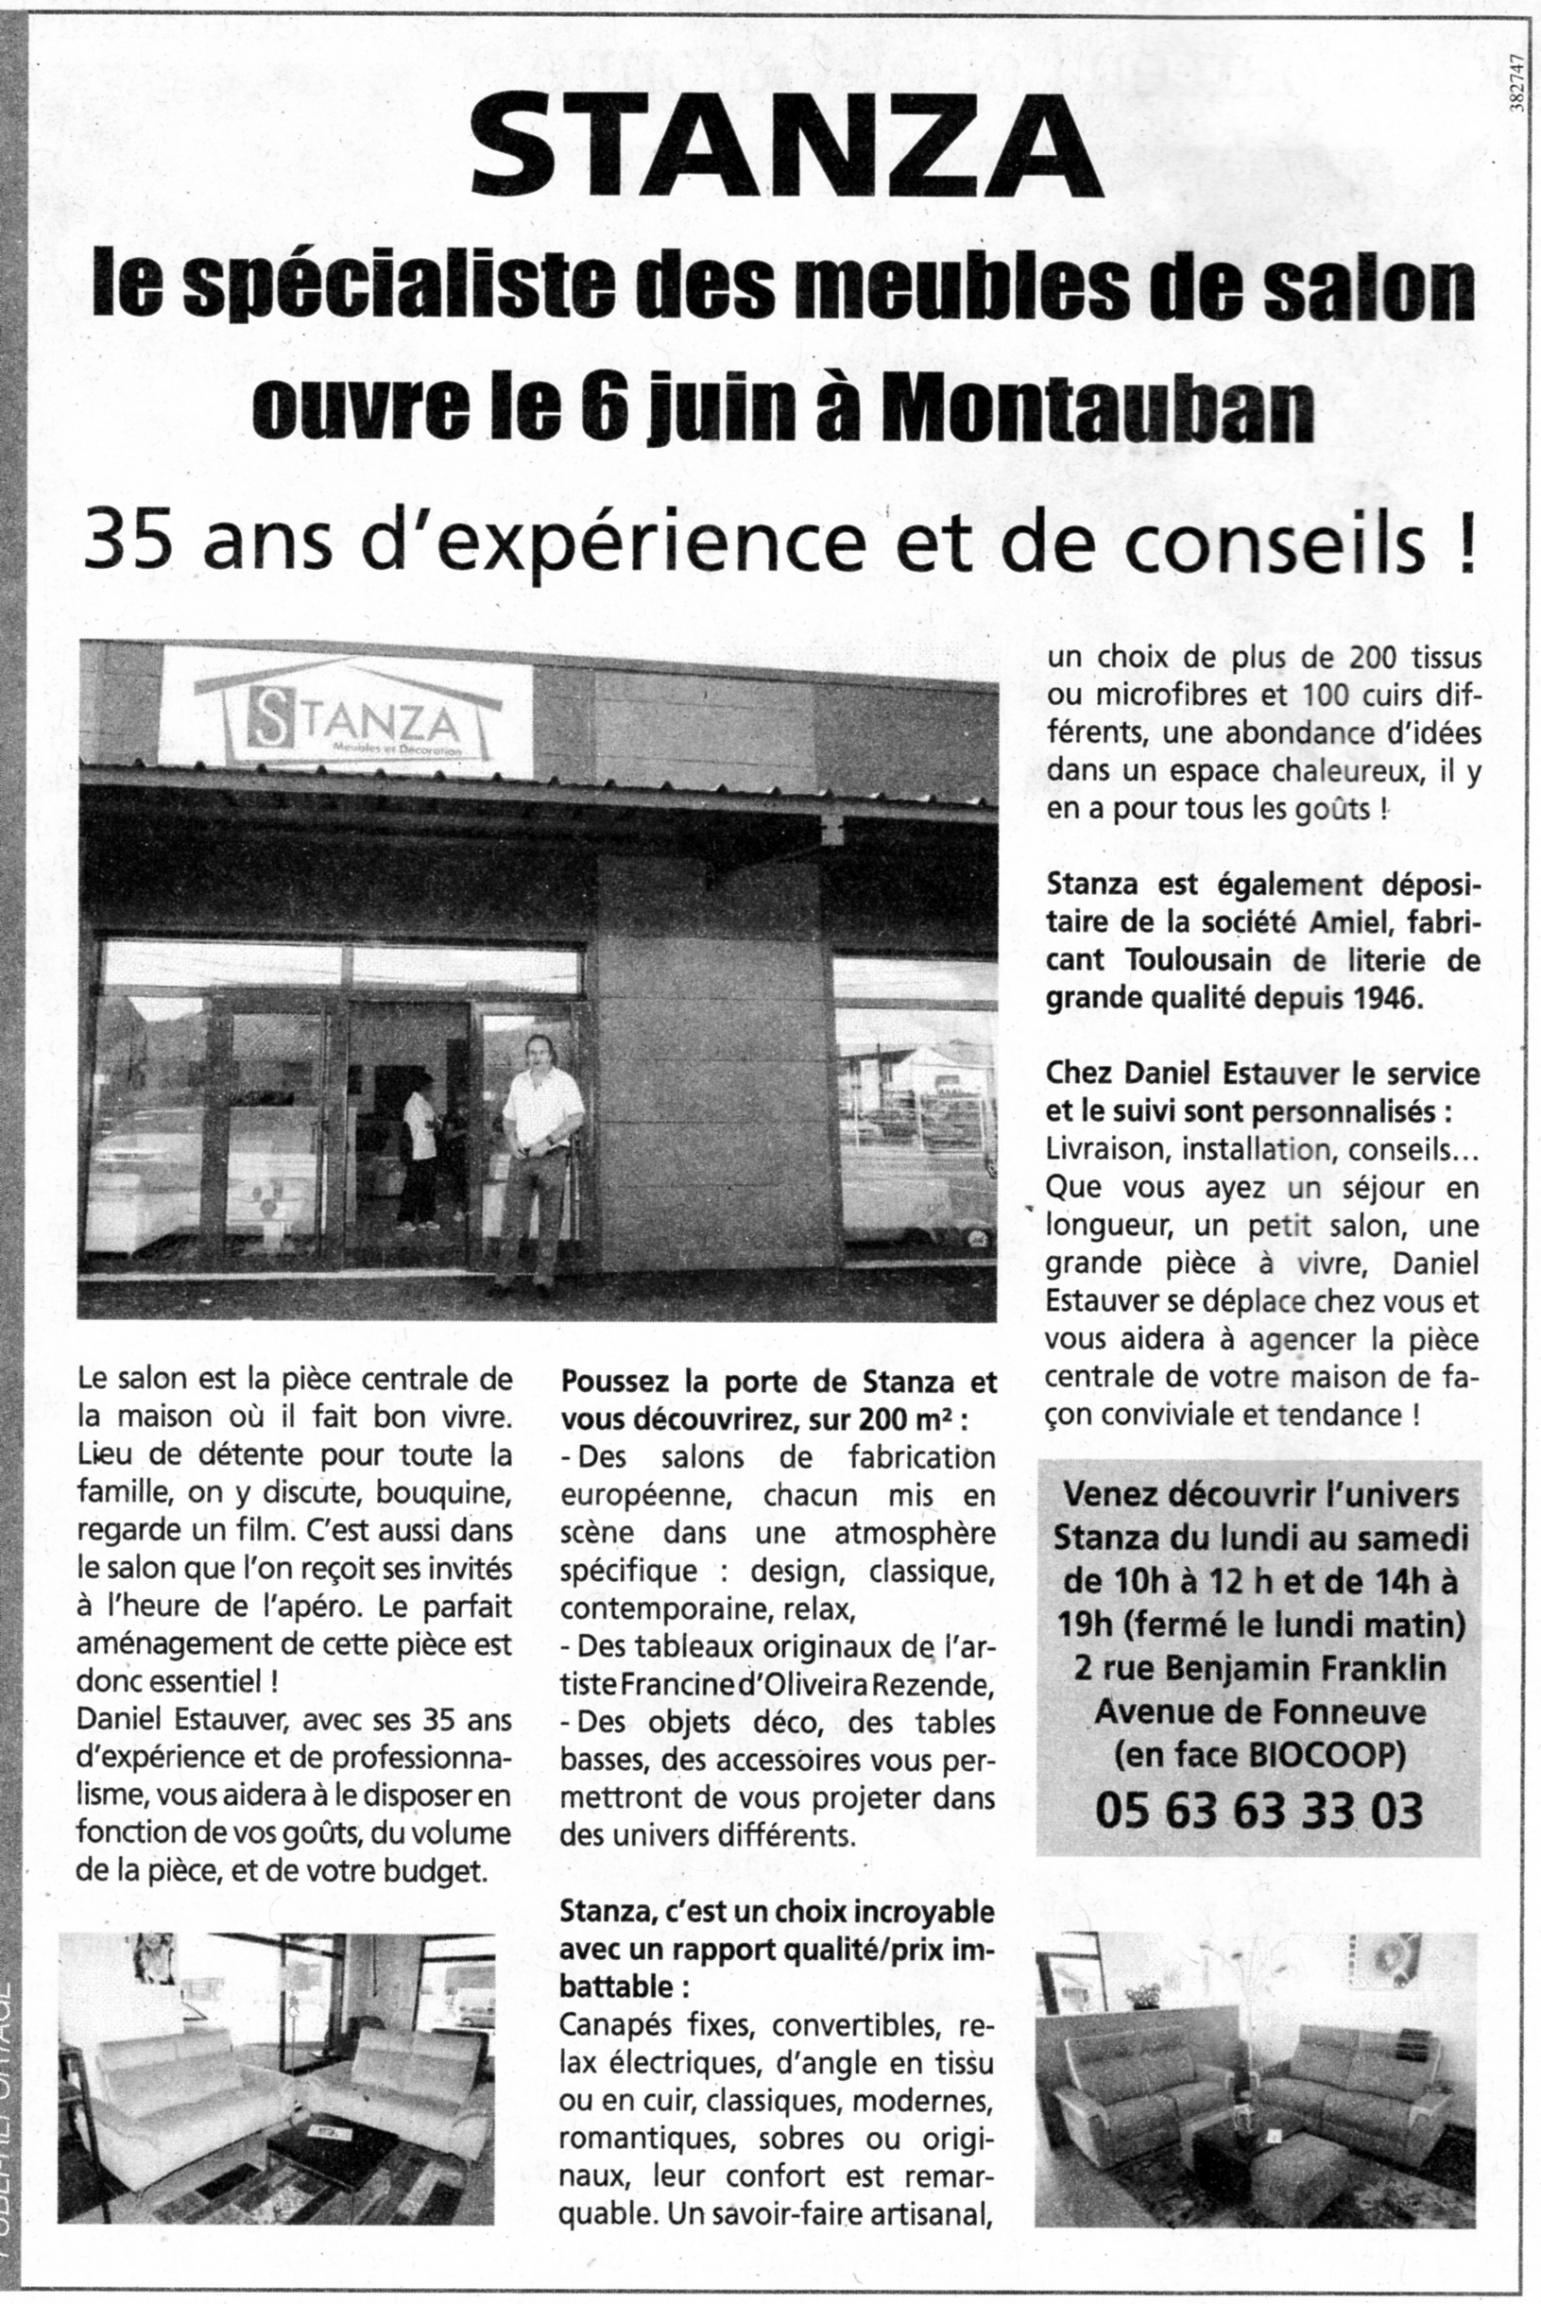 Actualité de francine D'oliveira Rezende artiste peintre Exposition de toiles au magasin STANZA à Montauban.